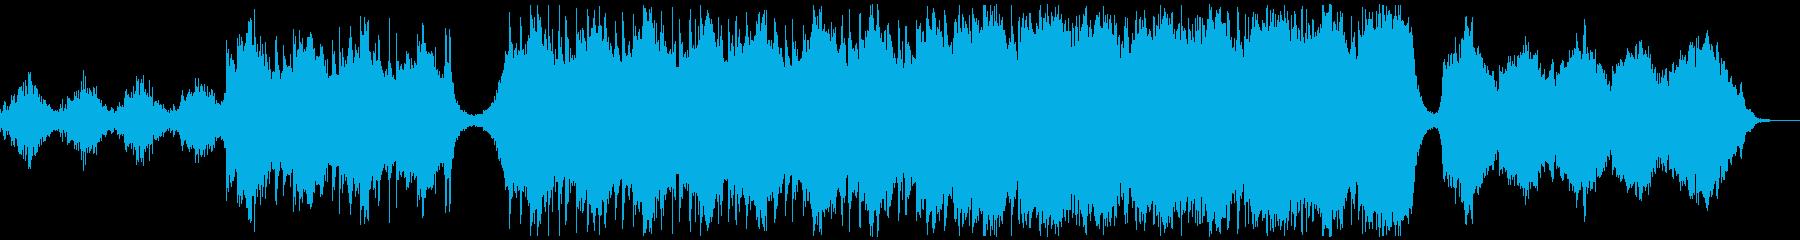 トレーラー・企業・合唱無しの再生済みの波形